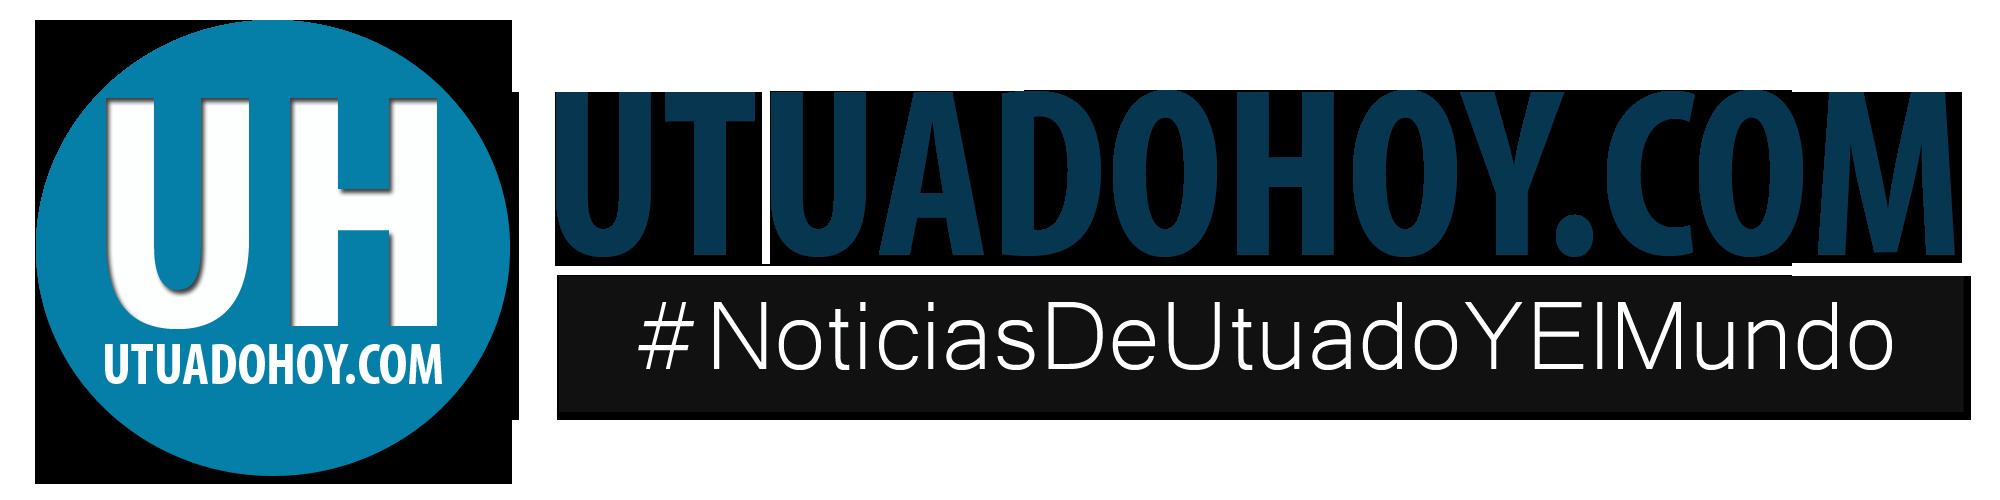 UTUADOHOY.COM